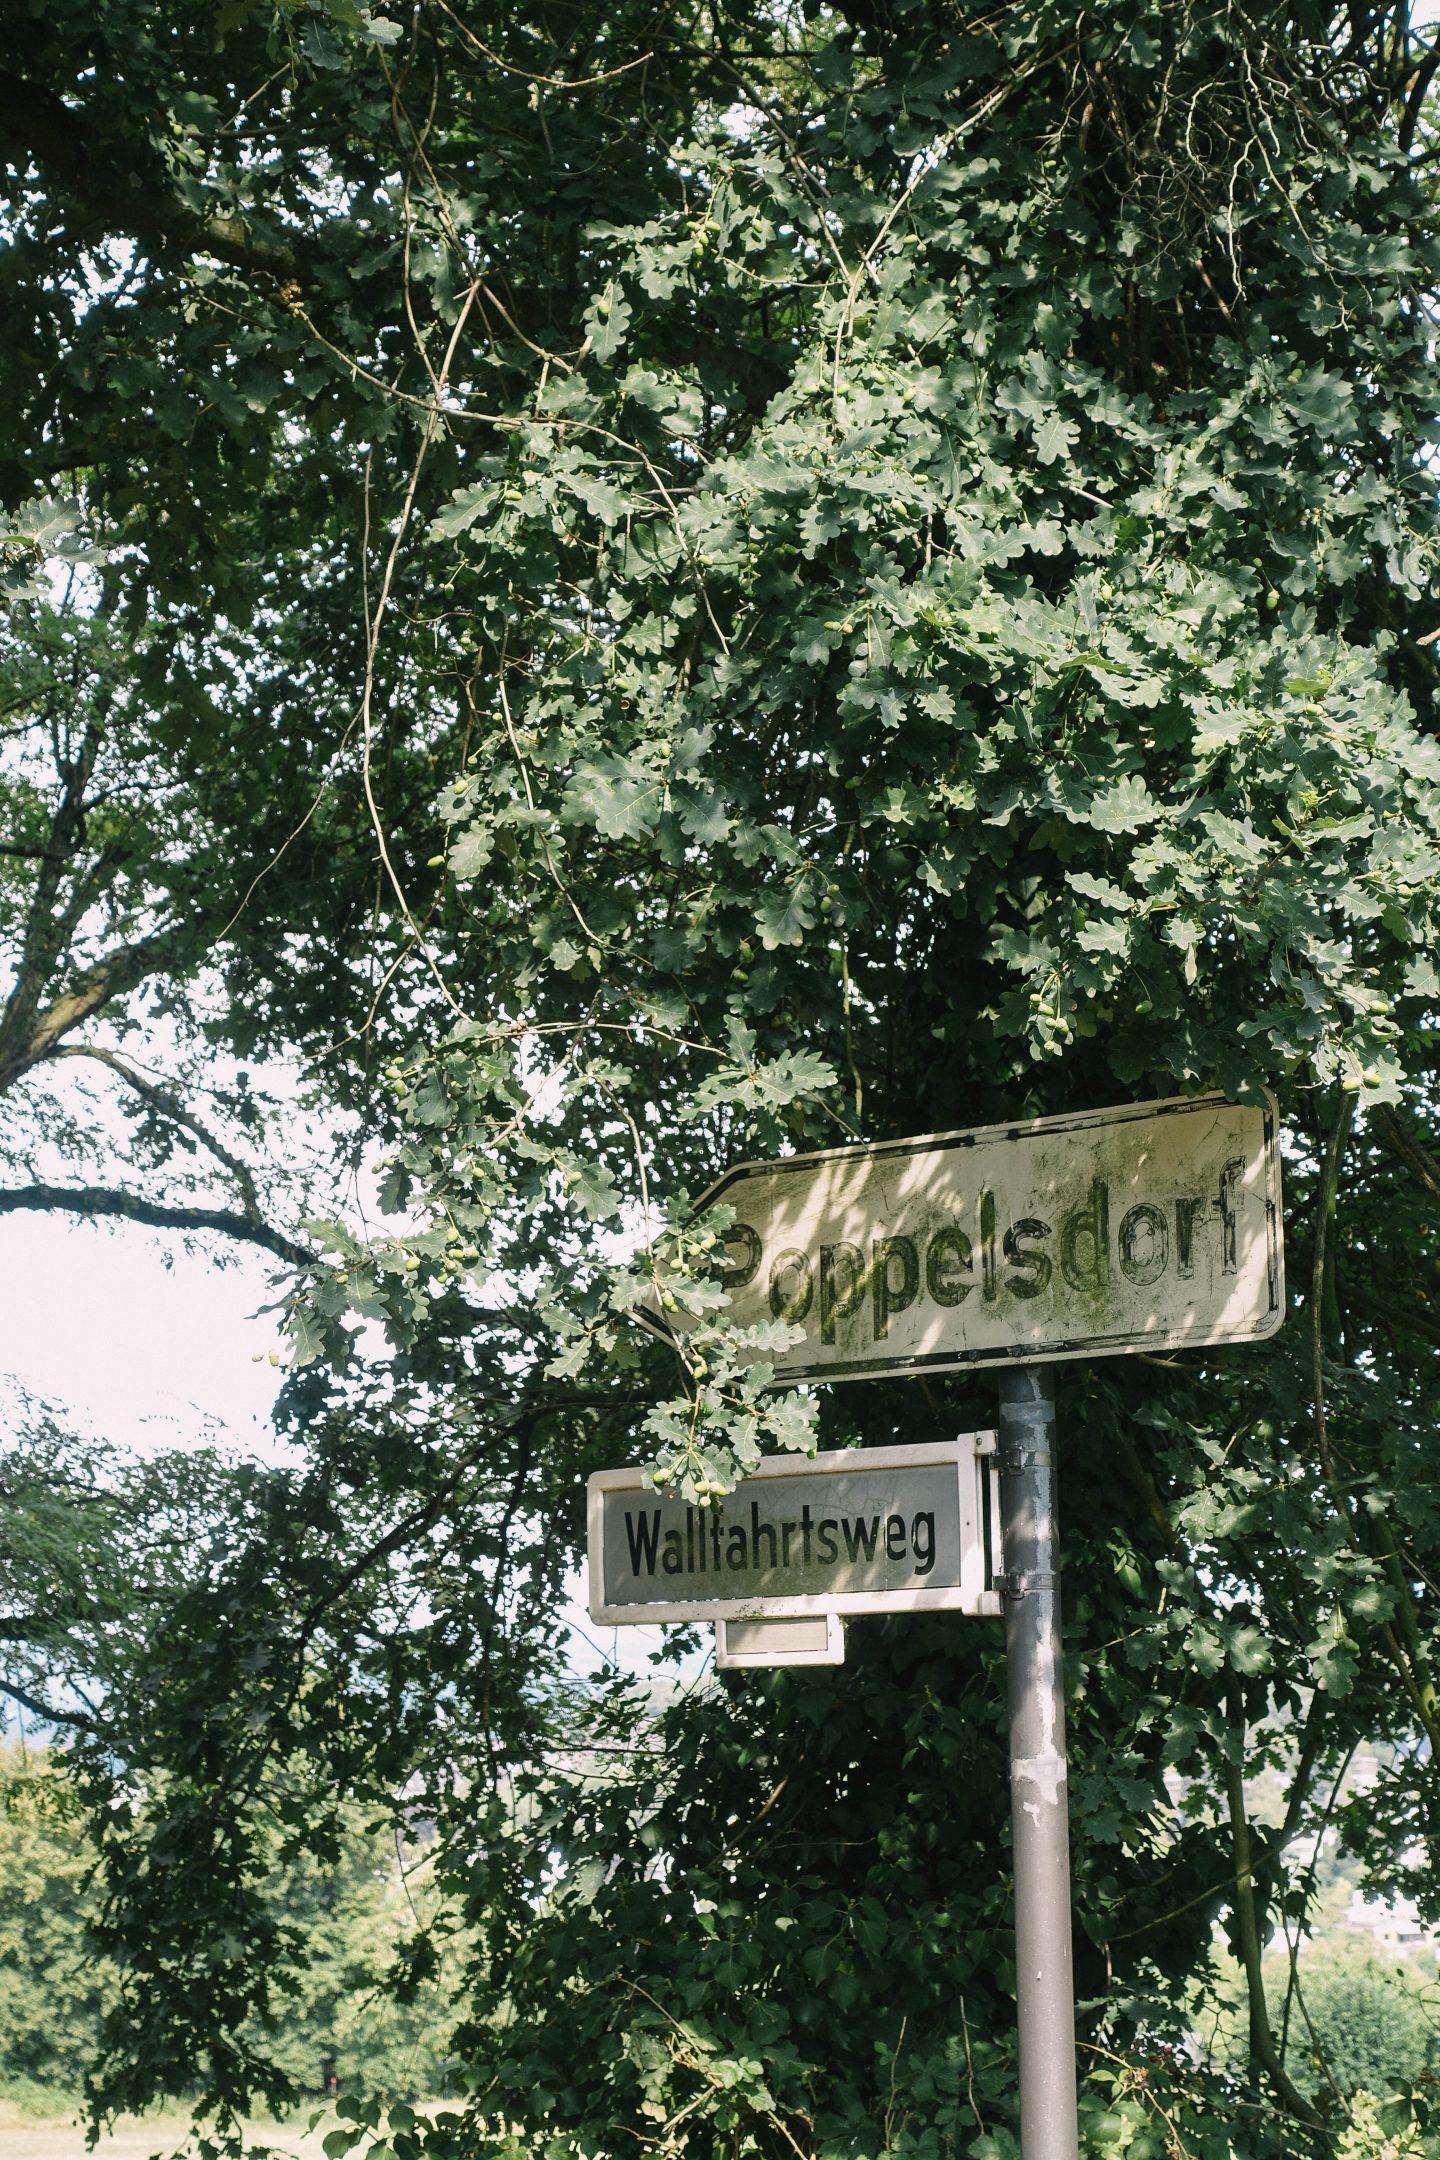 Bonn-Ippendorf, Ortsschild Poppelsdorf, Straßenschild Wallfahrtsweg